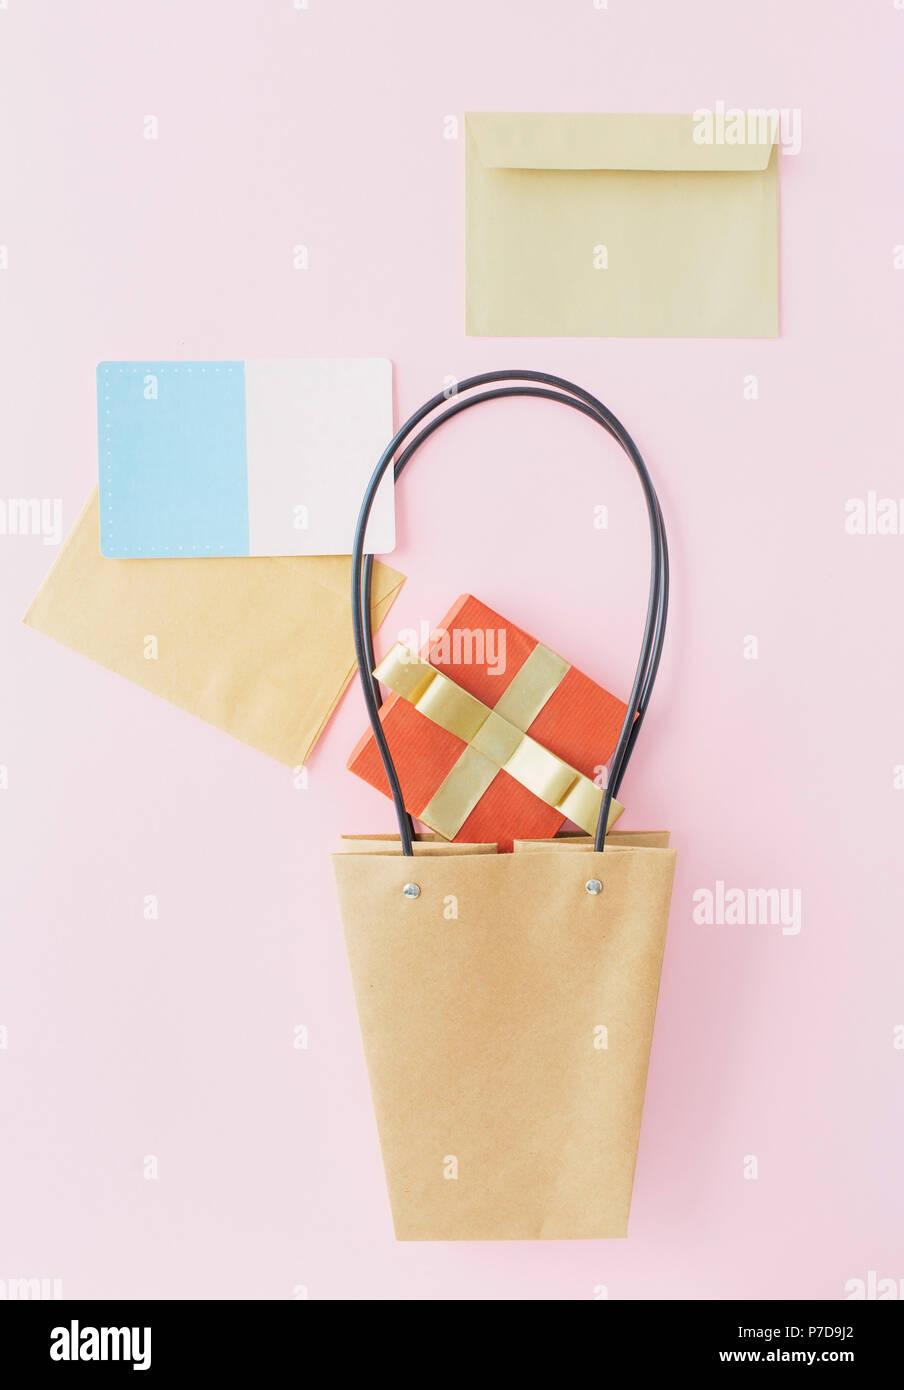 Kreative Gestaltung Aus Papier Beutel Roter Geschenkbox Umschlag